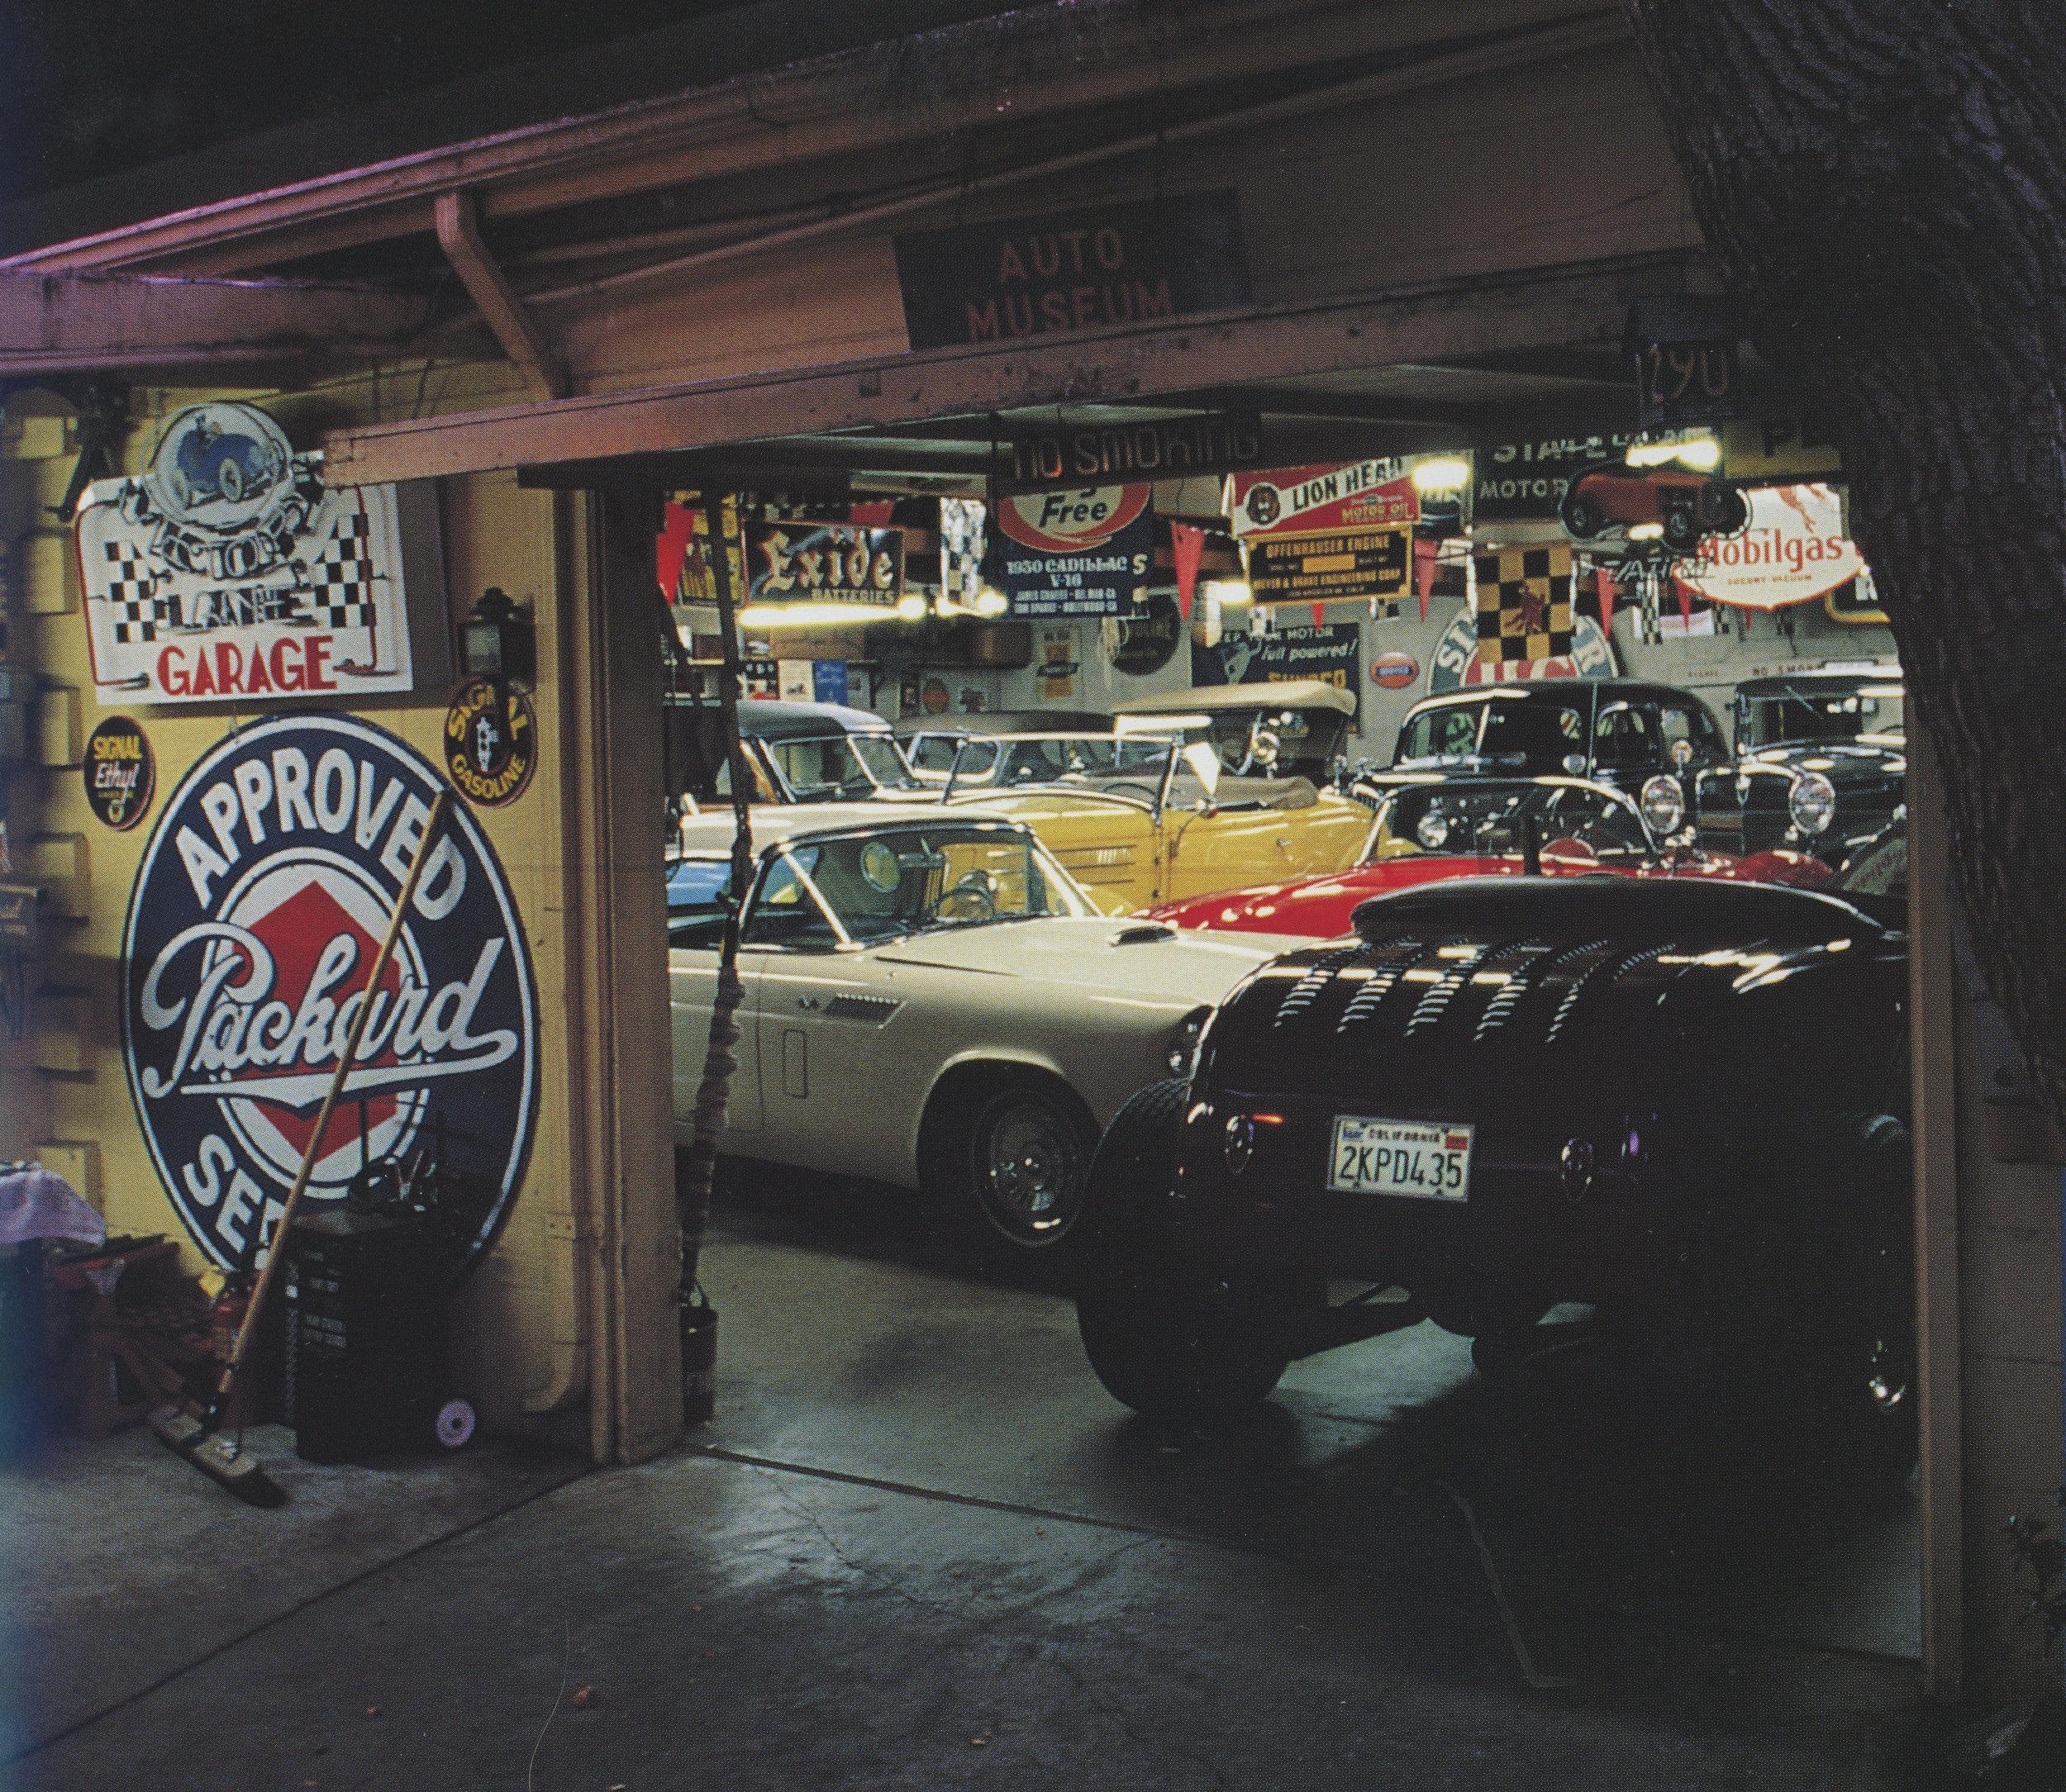 Tom Sparks - Big Garage - Early 2000's